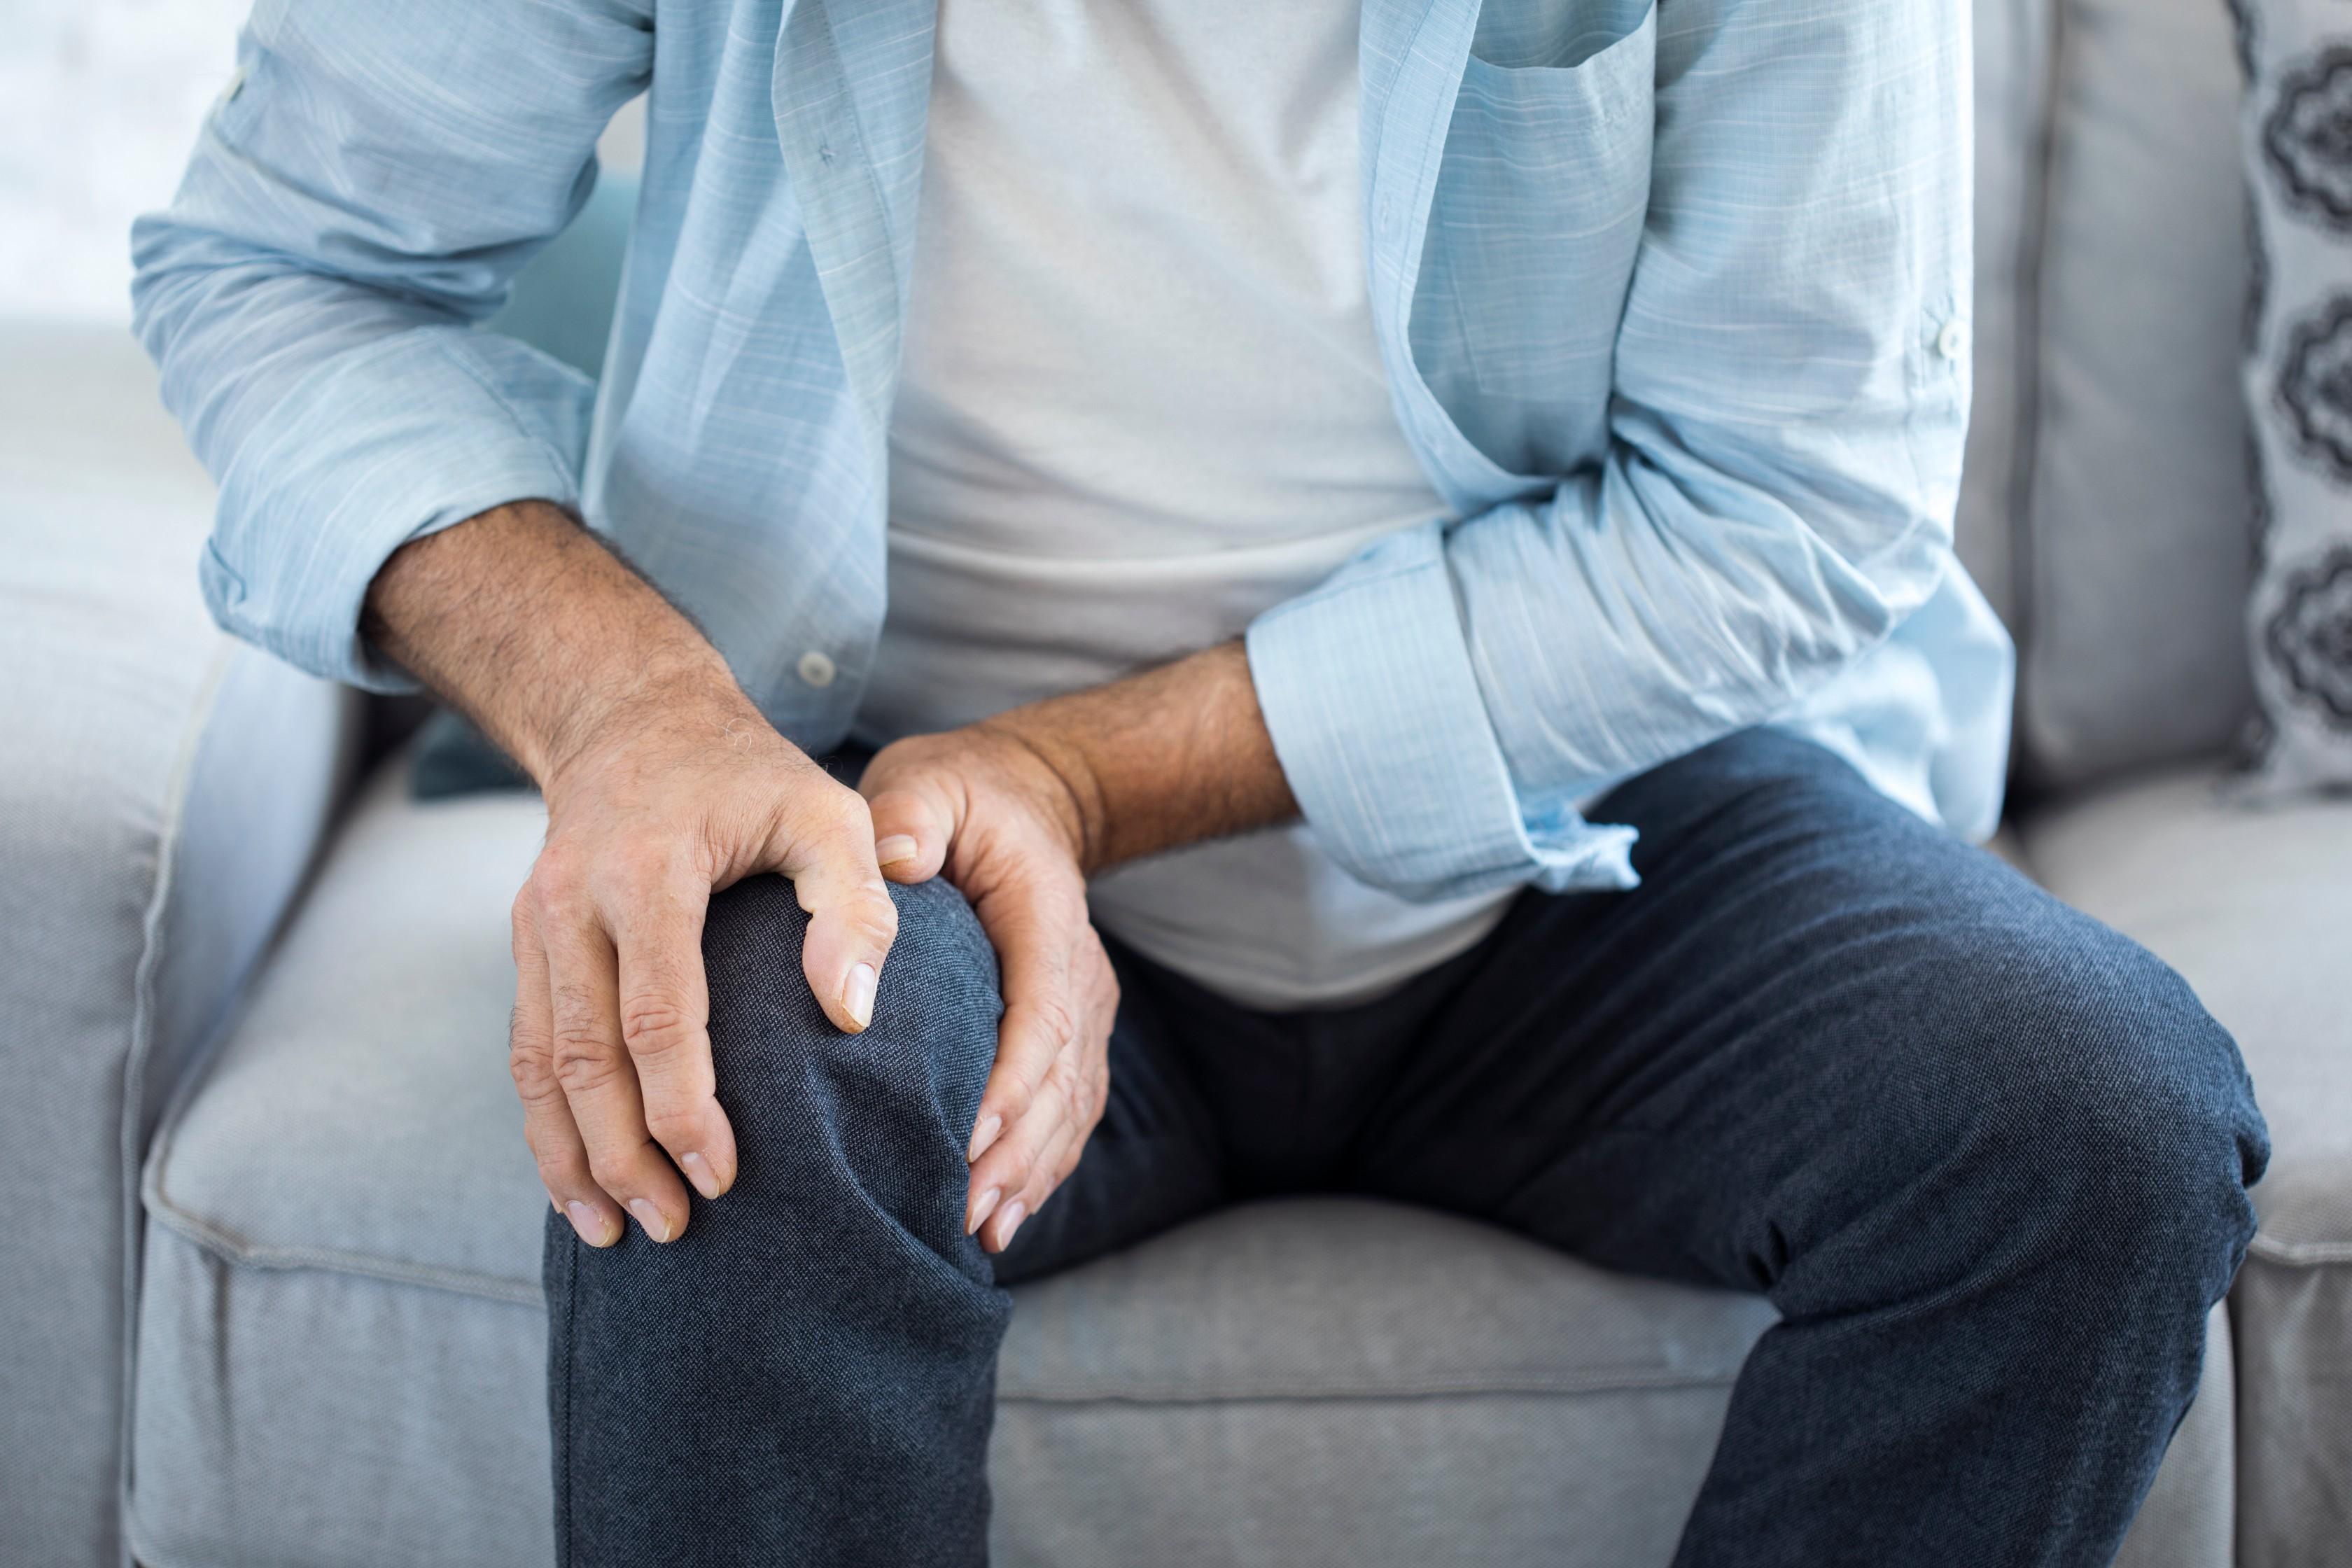 mi jobb az ízületi fájdalmak kezelésére fájdalom a bal csípőízületben és az ágyékban